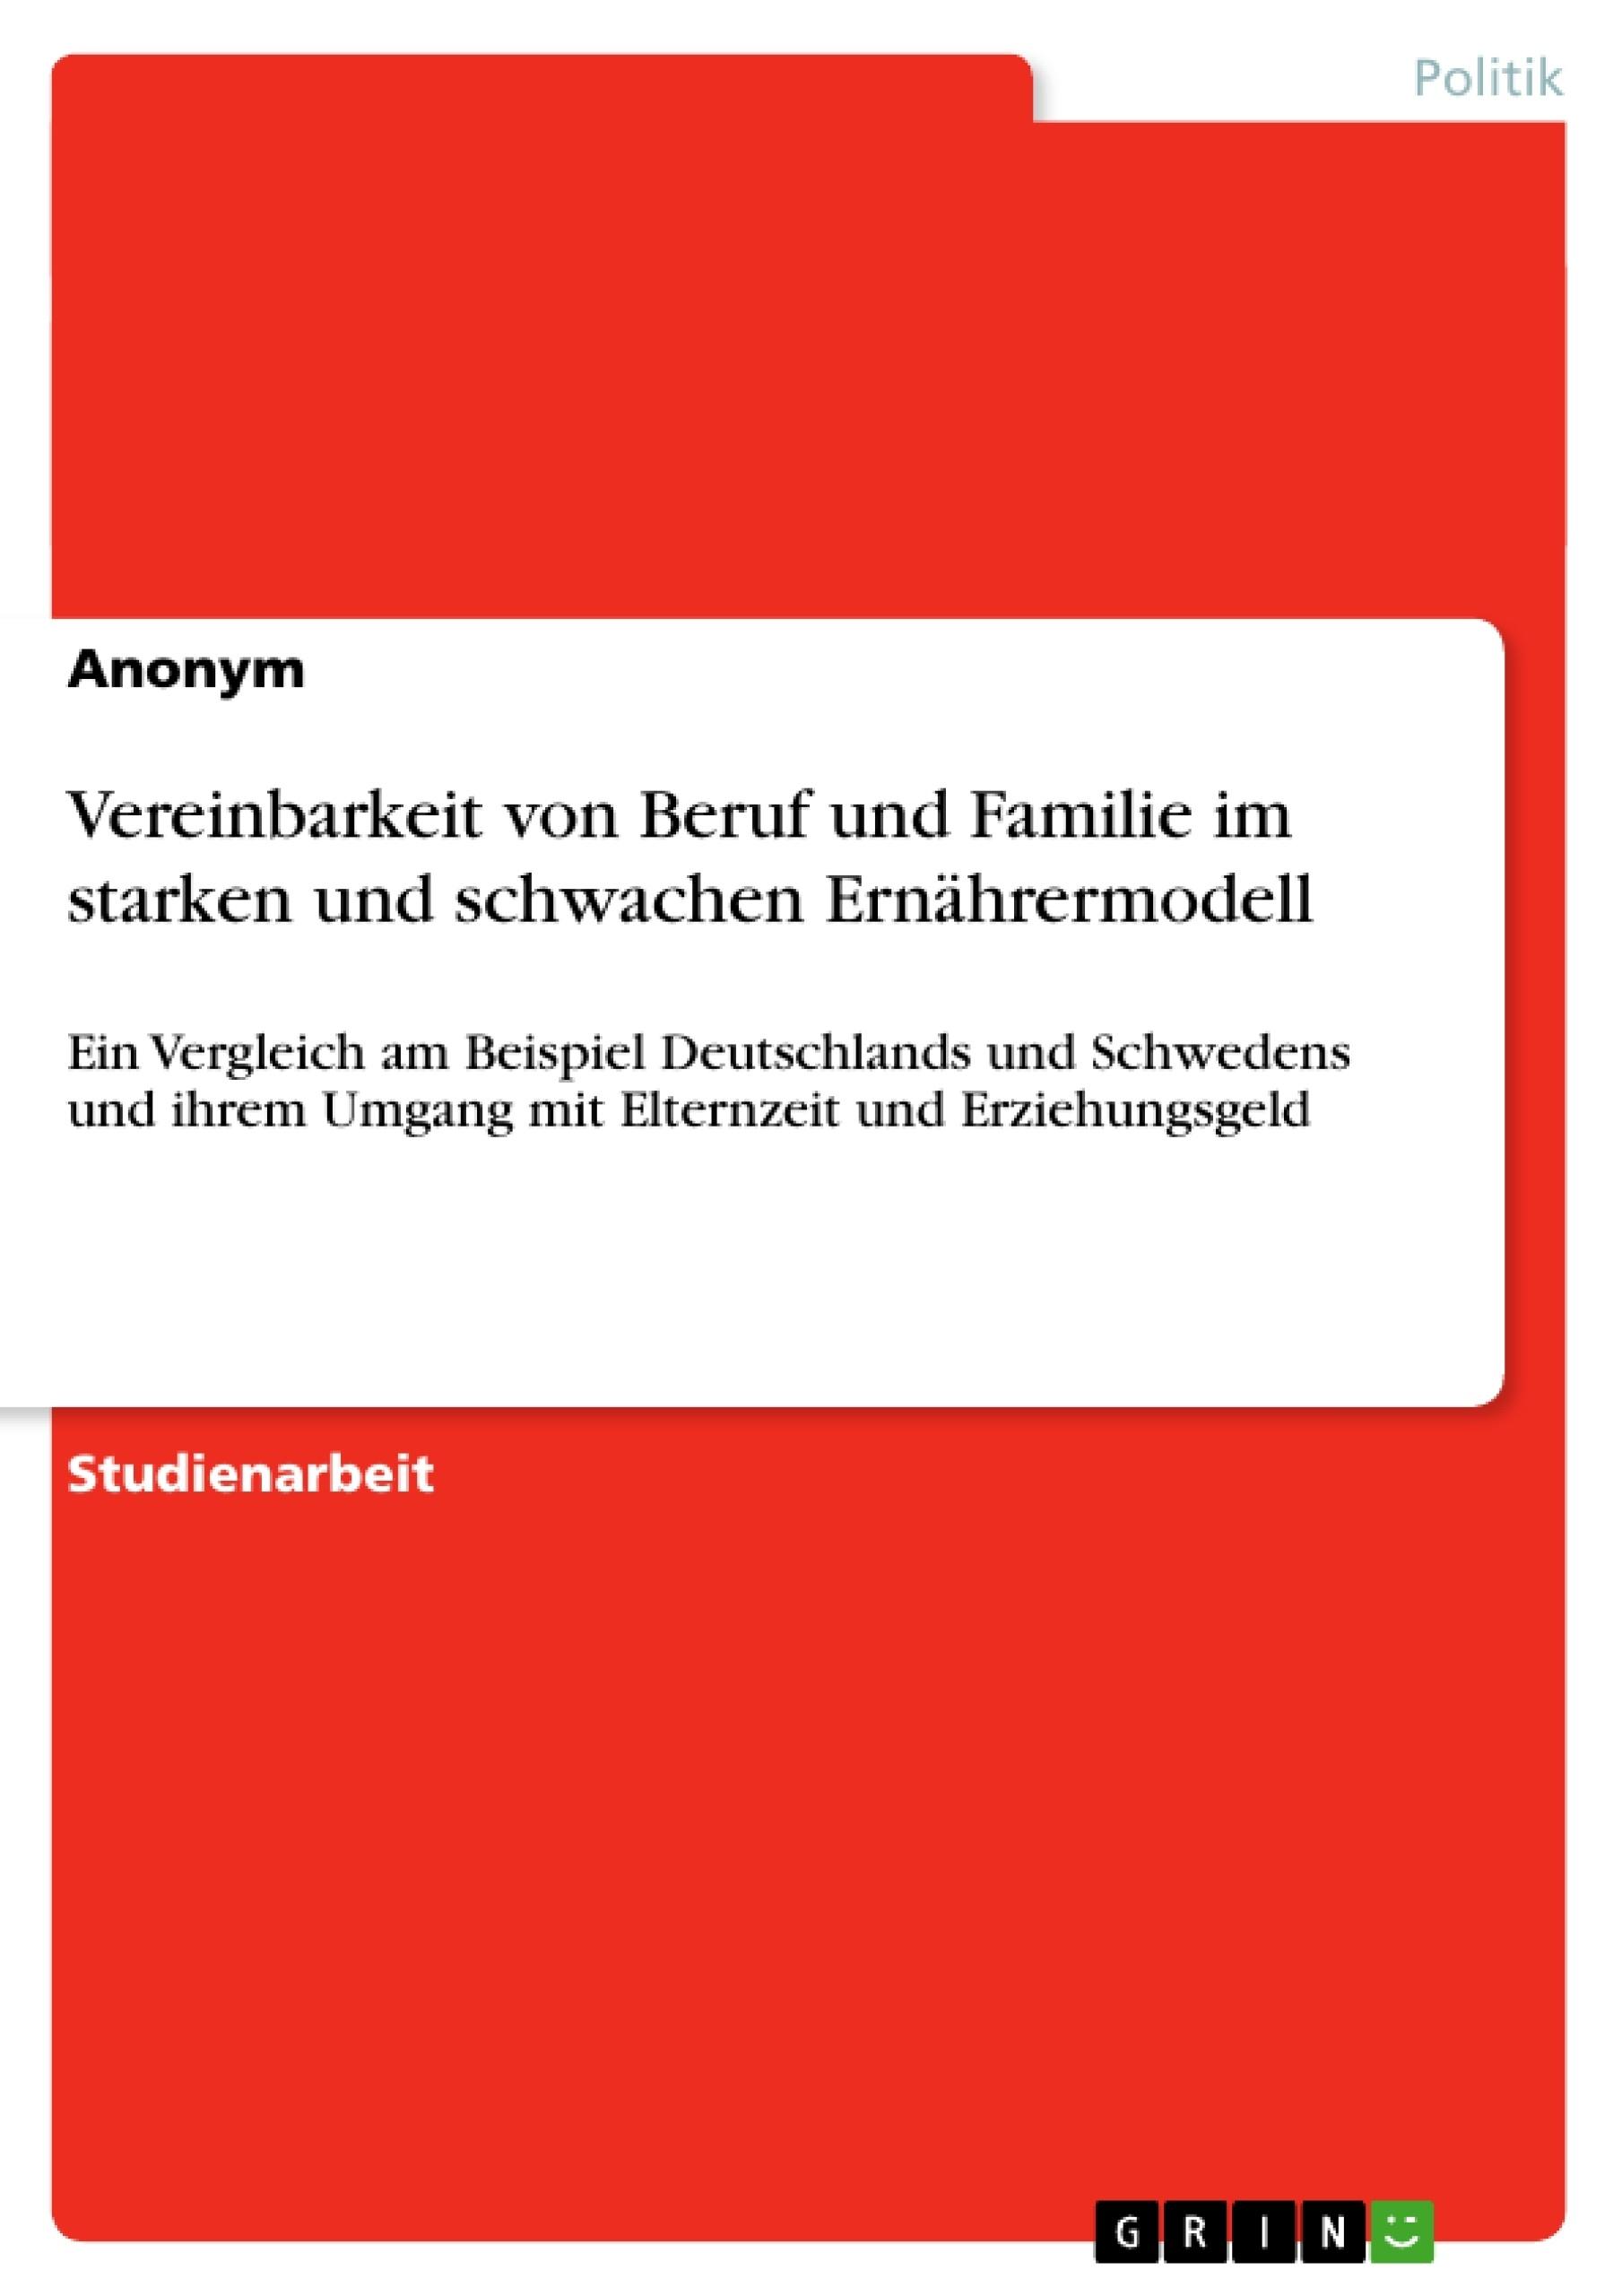 Titel: Vereinbarkeit von Beruf und Familie im starken und schwachen Ernährermodell